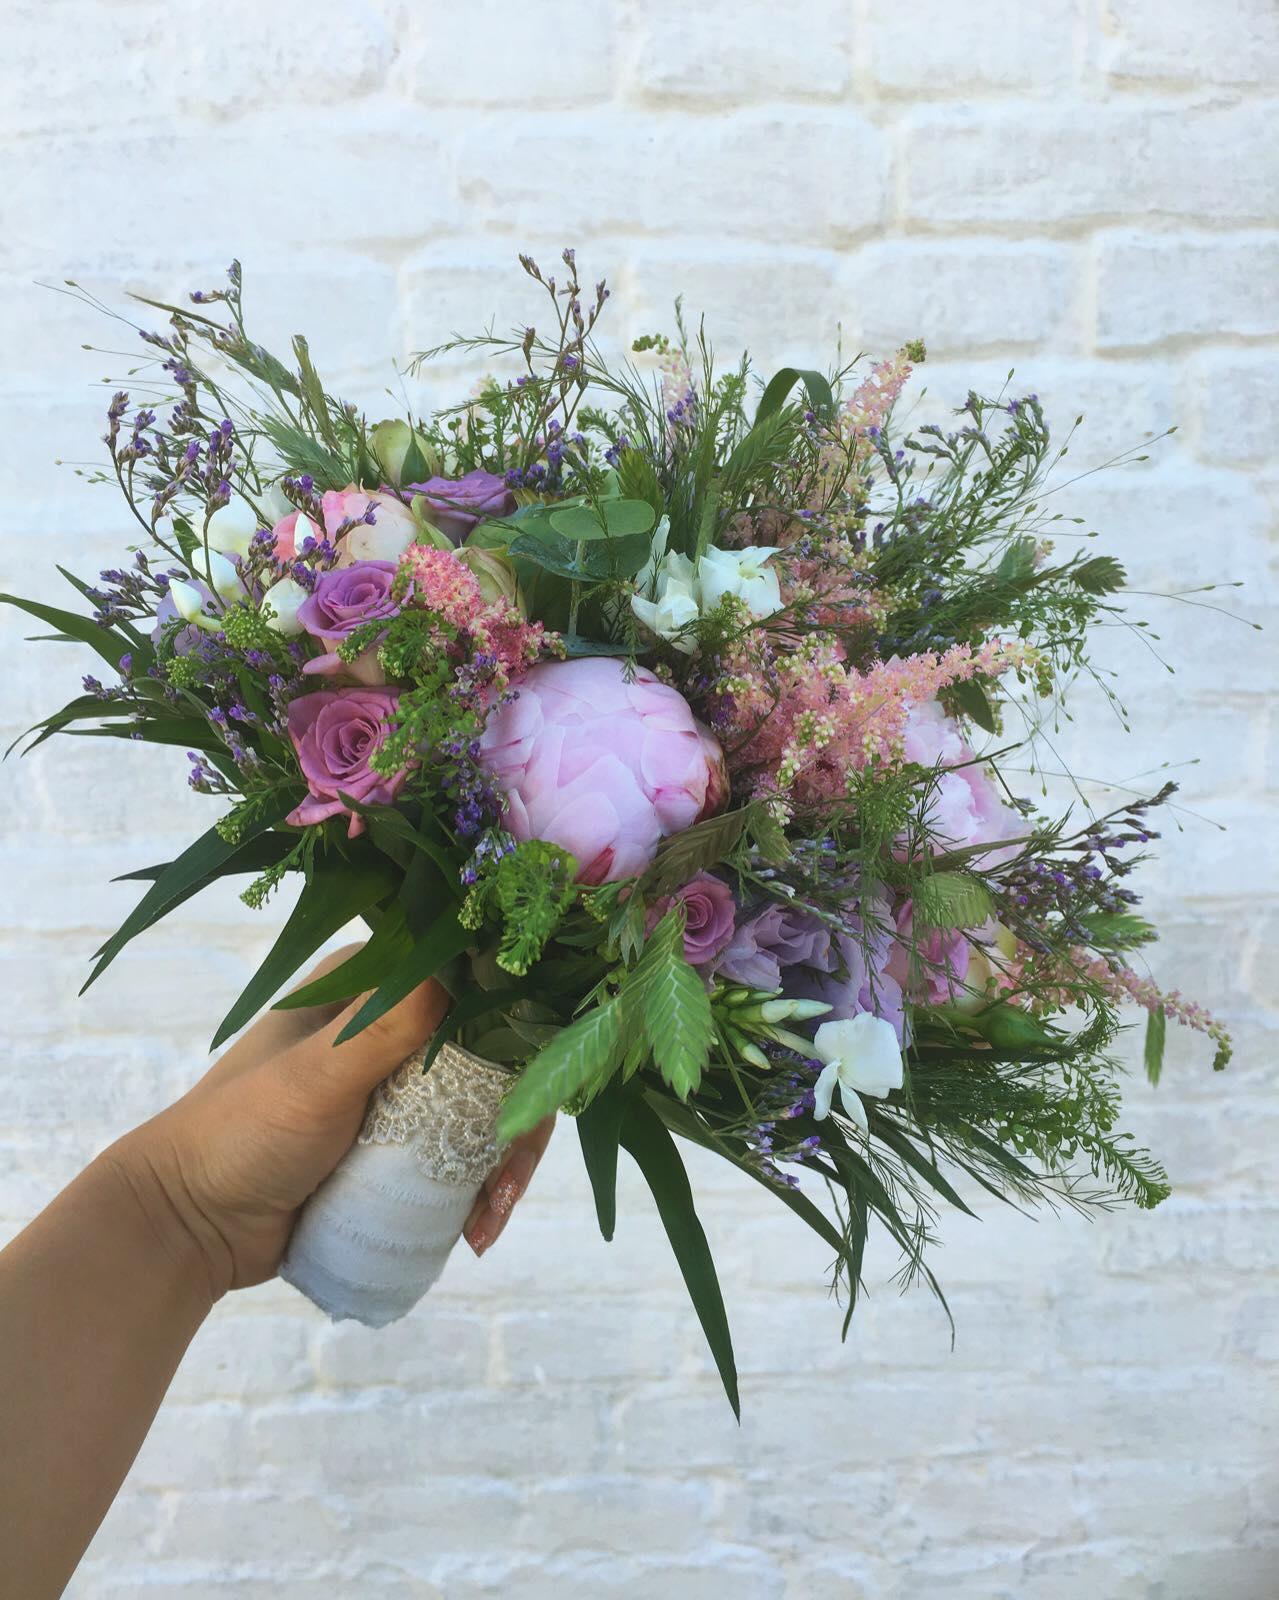 Hvilken type brudebuket passer bedst til årstiden og hvordan skal den se ud?